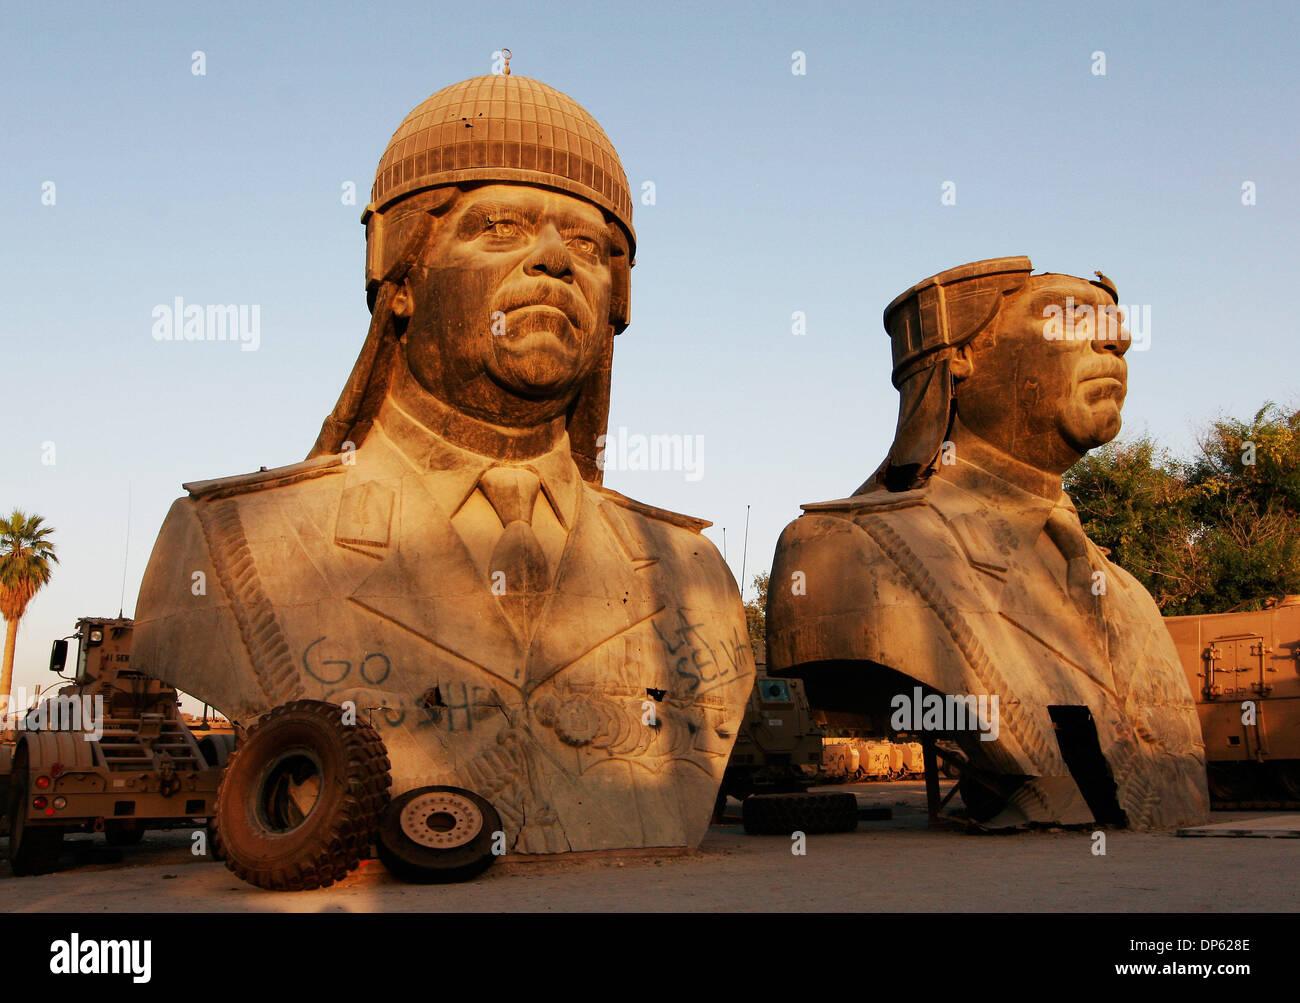 Giu 04 2006, Baghdad, Iraq; rovesciato 20 piedi di statue di Saddam Hussein, preso da uno della ex presidente iracheno Immagini Stock